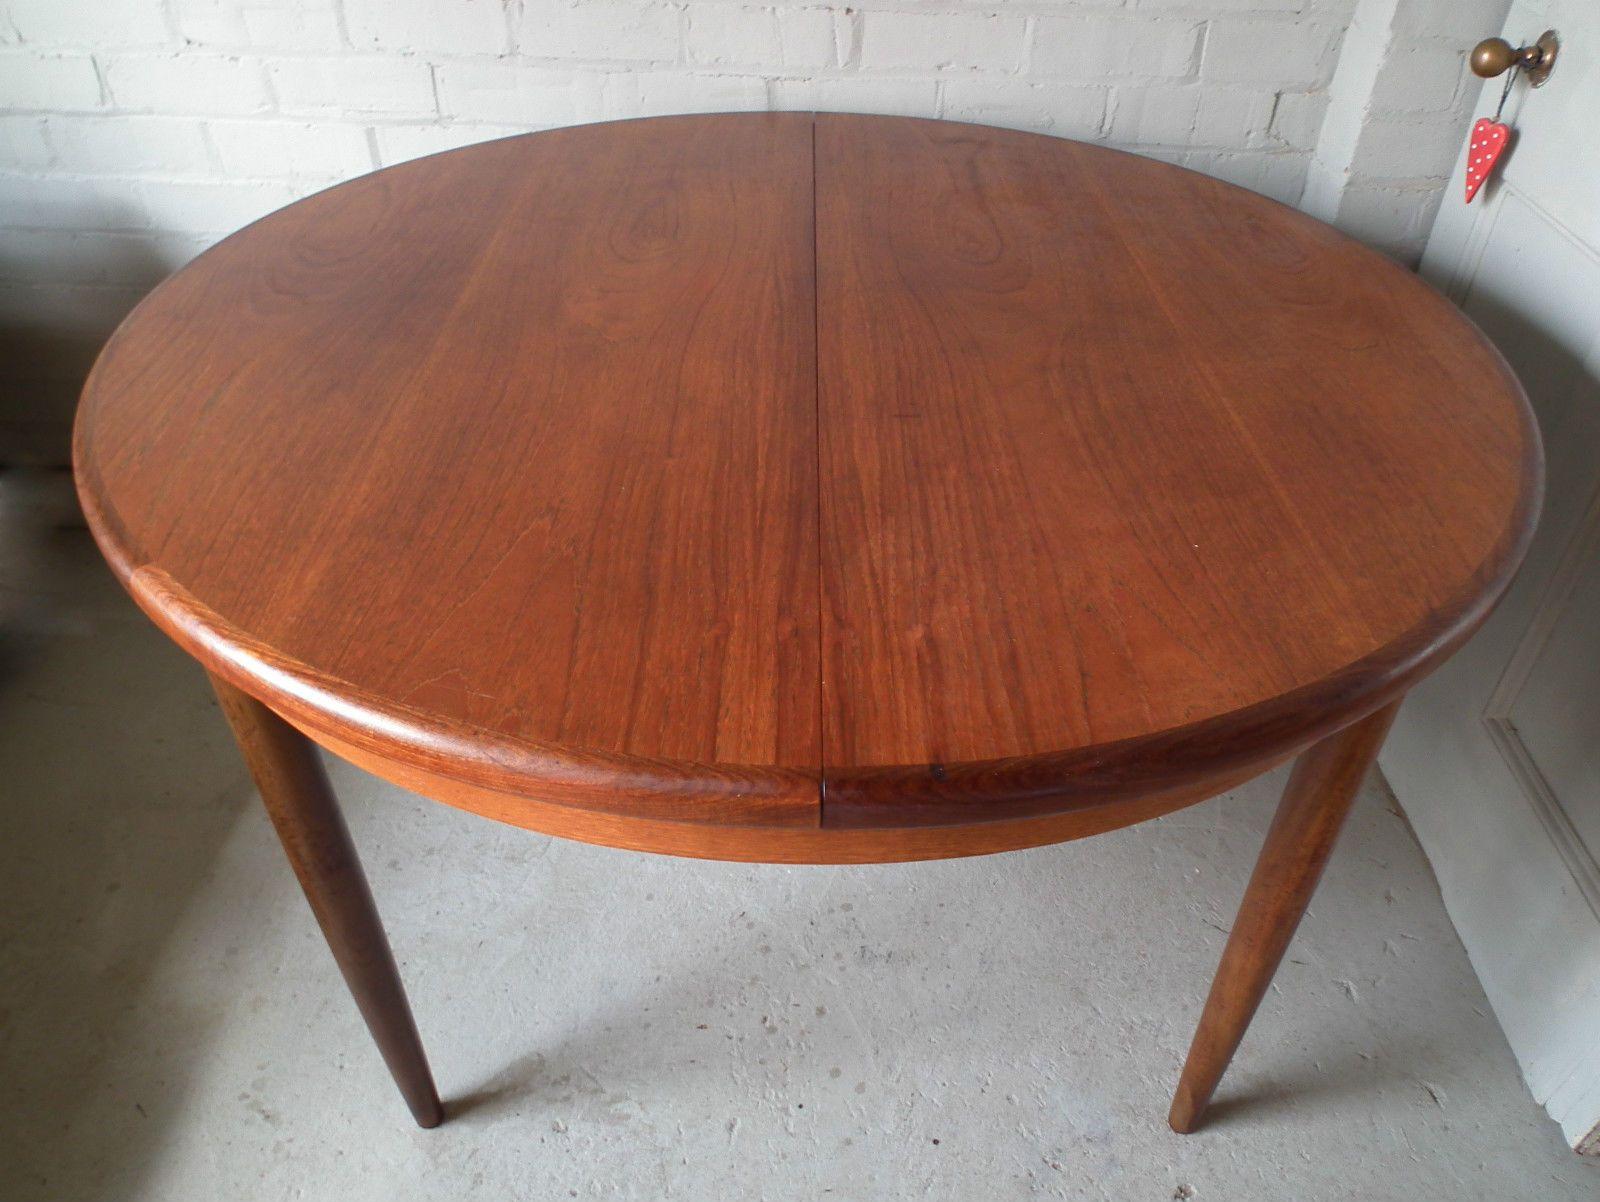 Vintage Retro Teak G Plan Fresco Round Extending Dining Table 60s